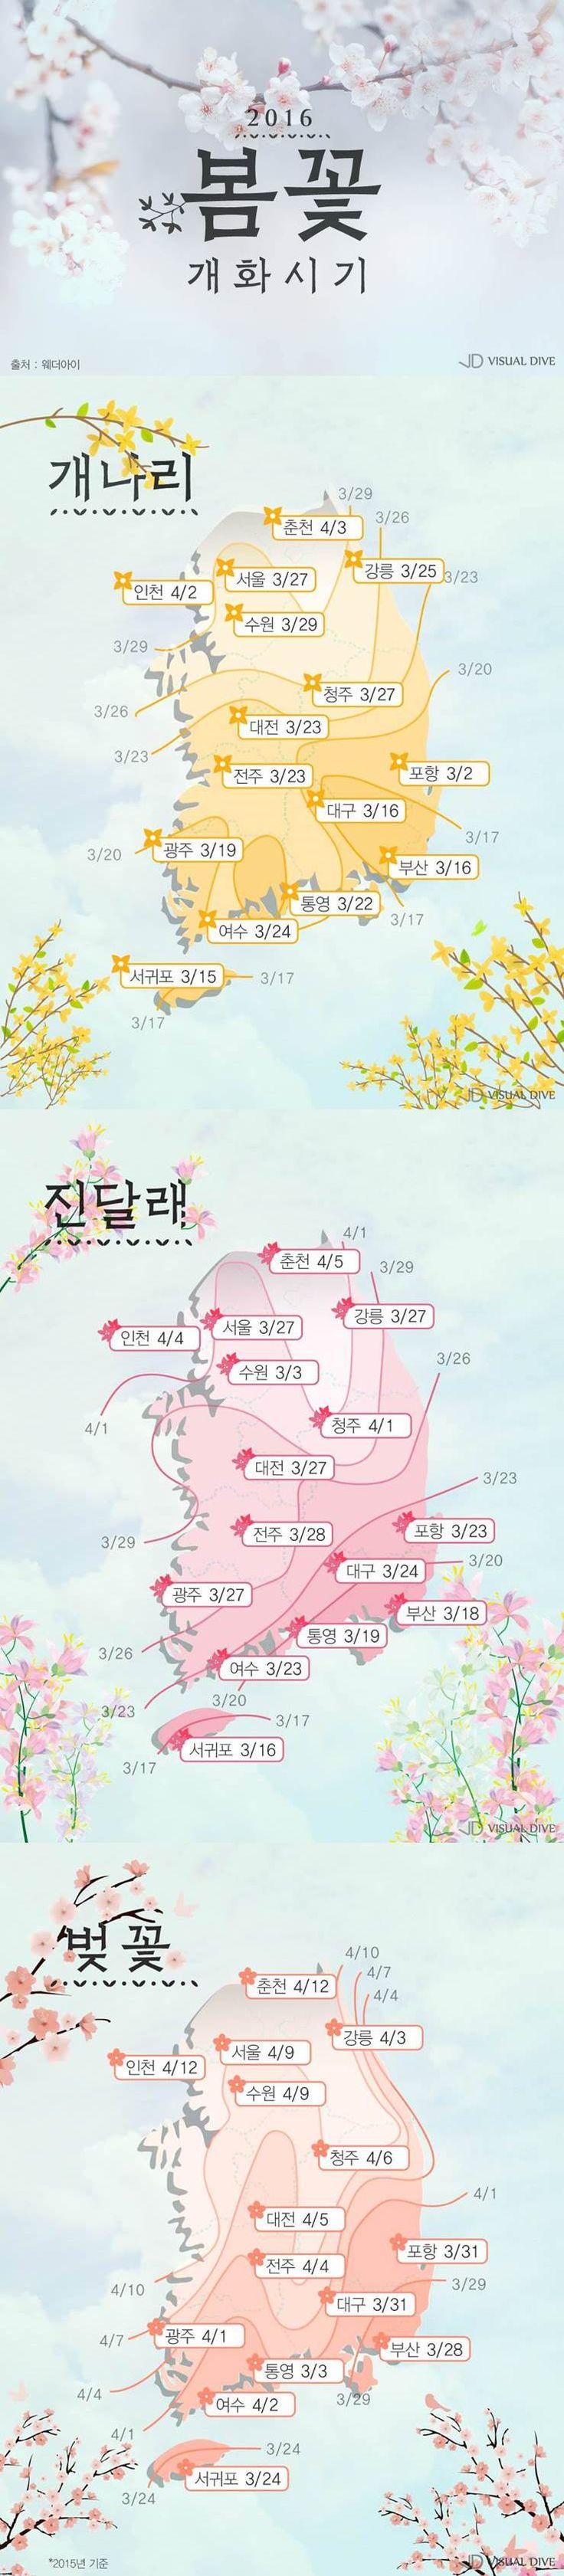 꽃망울이 활짝…봄을 알리는 꽃, 개화시기는 언제? [카드뉴스] #flower / #cardnews ⓒ 비주얼다이브 무단 복사·전재·재배포 금지